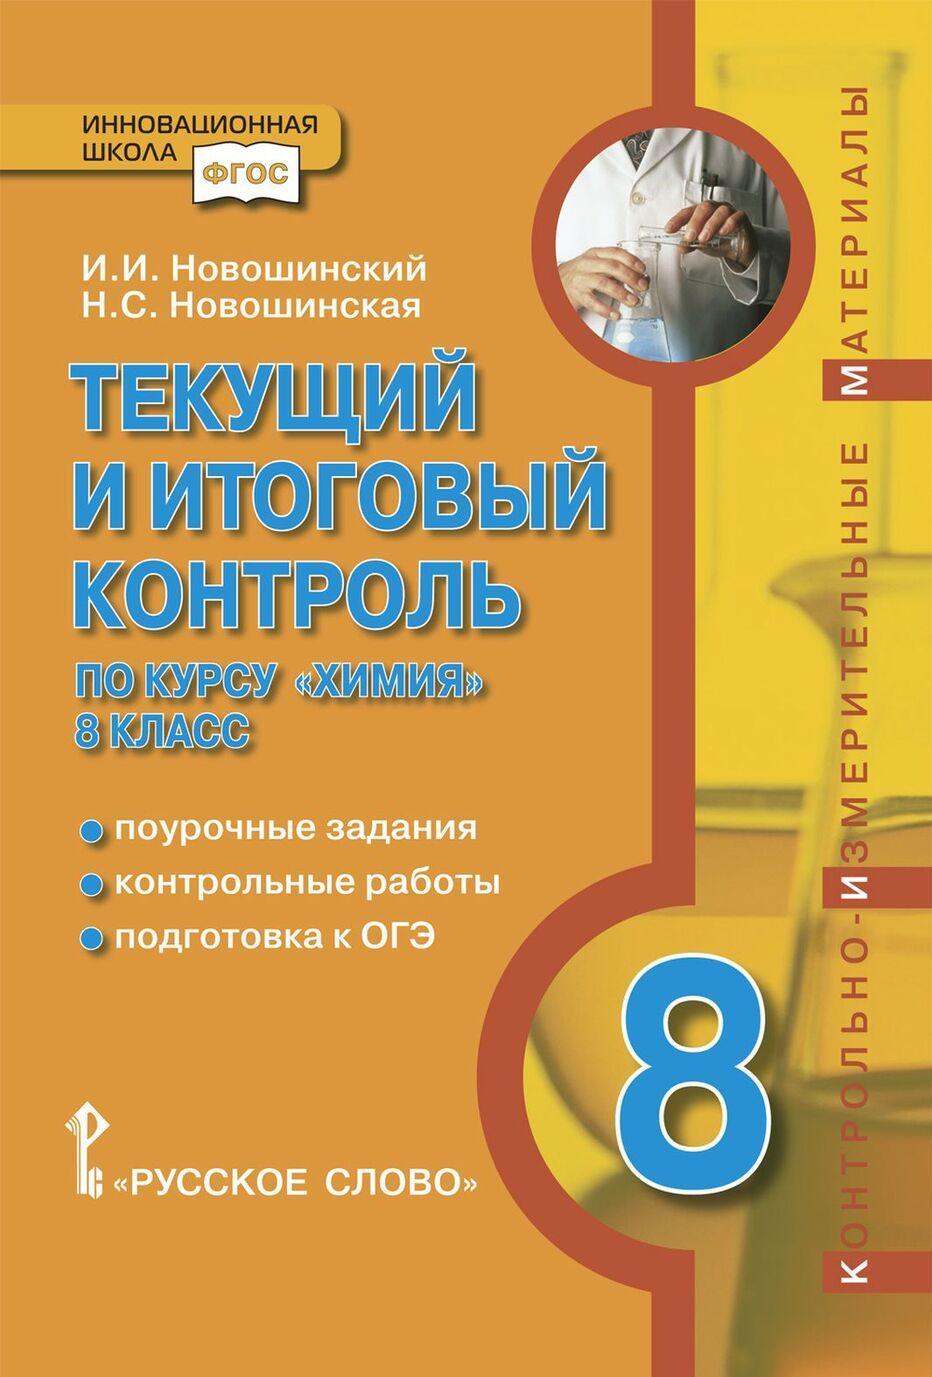 """Tekuschij i itogovyj kontrol po kursu """"Khimija"""". Pourochnye zadanija, kontrolnye raboty, podgotovka k OGE. kontrolno-izmeritelnye materialy. 8 klass."""